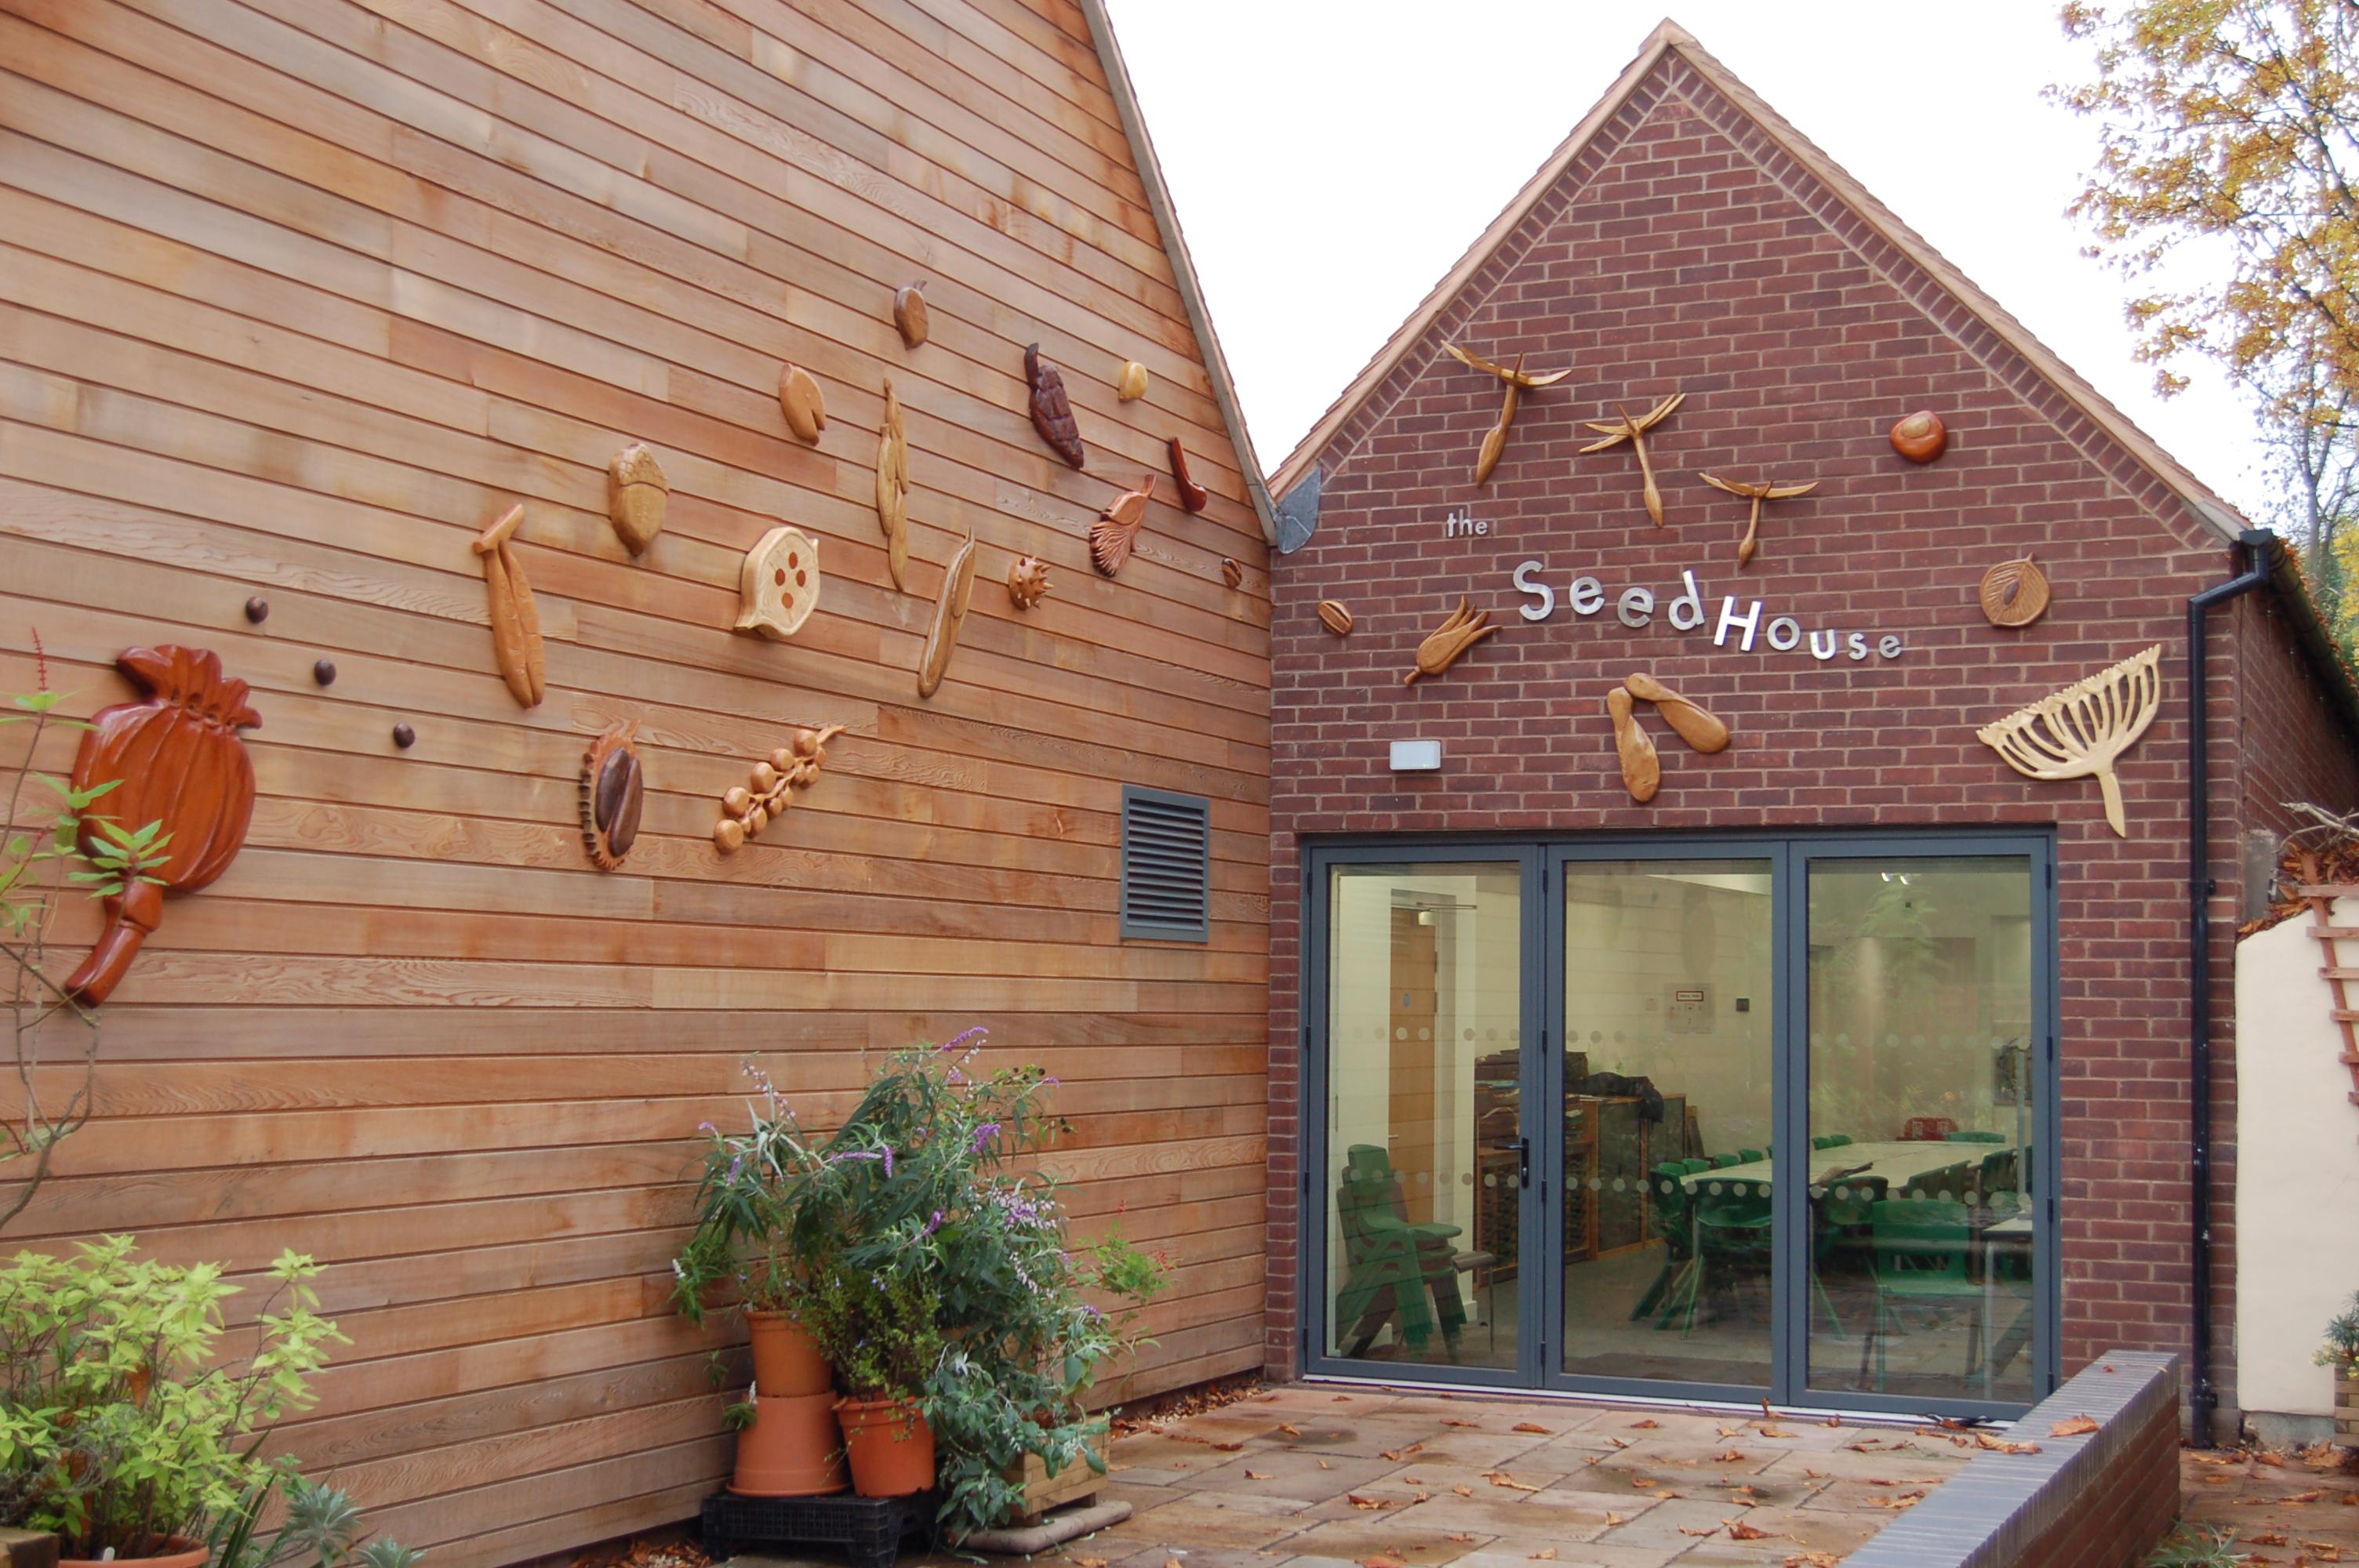 Walsall Arboretum Seedhouse (6)